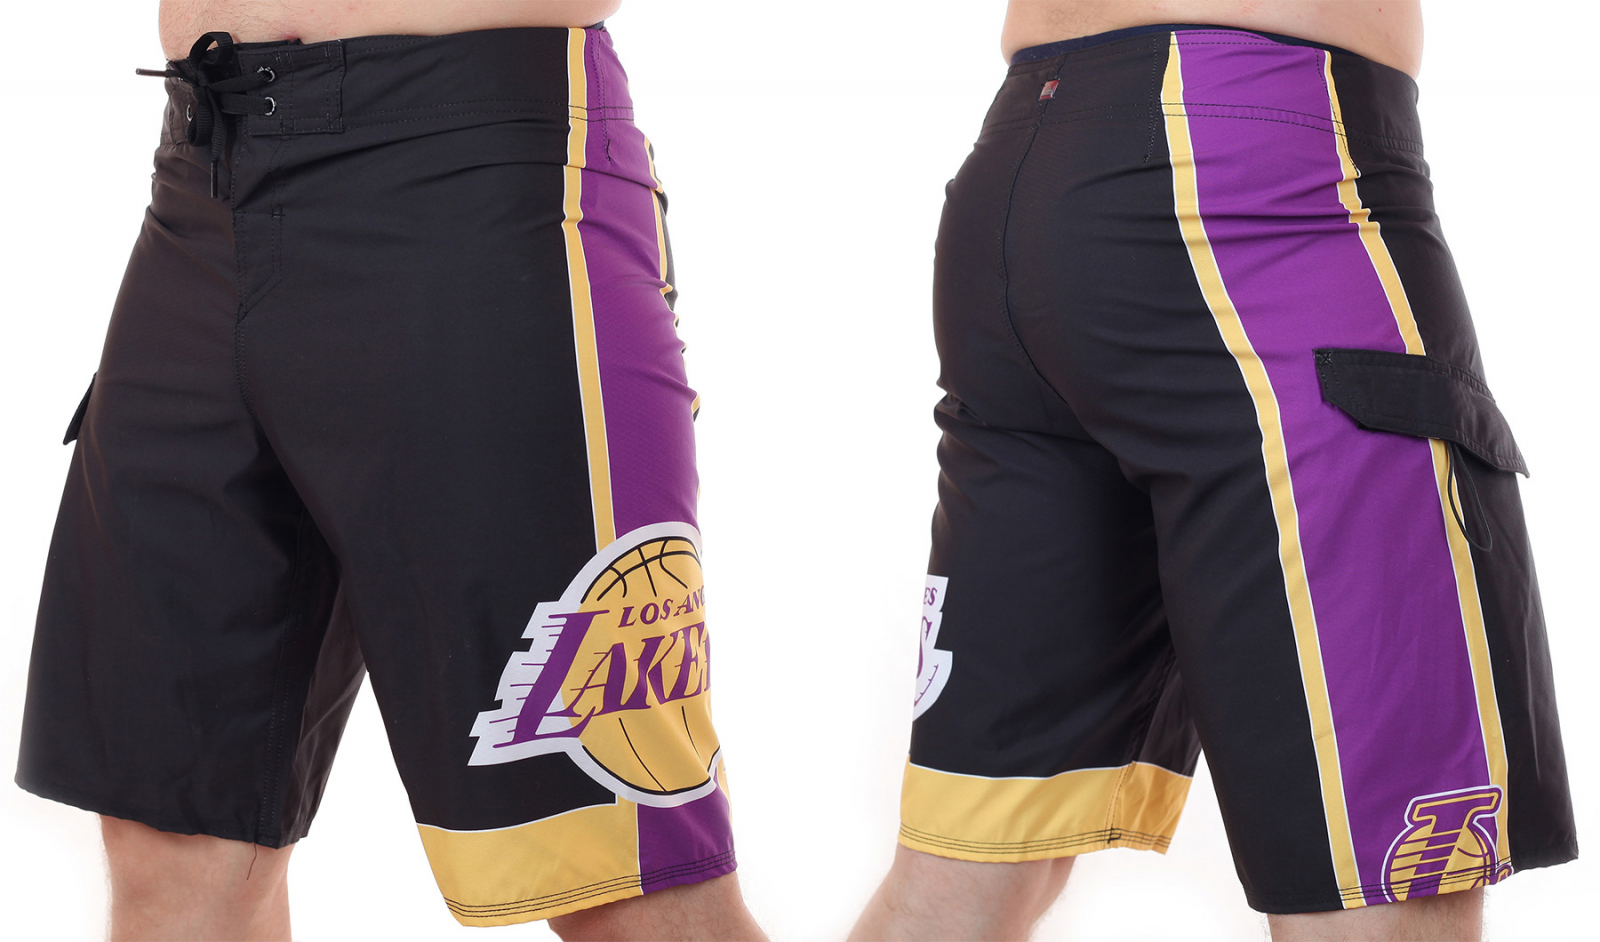 Топовые бордшорты Los Angeles Lakers, будь первым во всем!